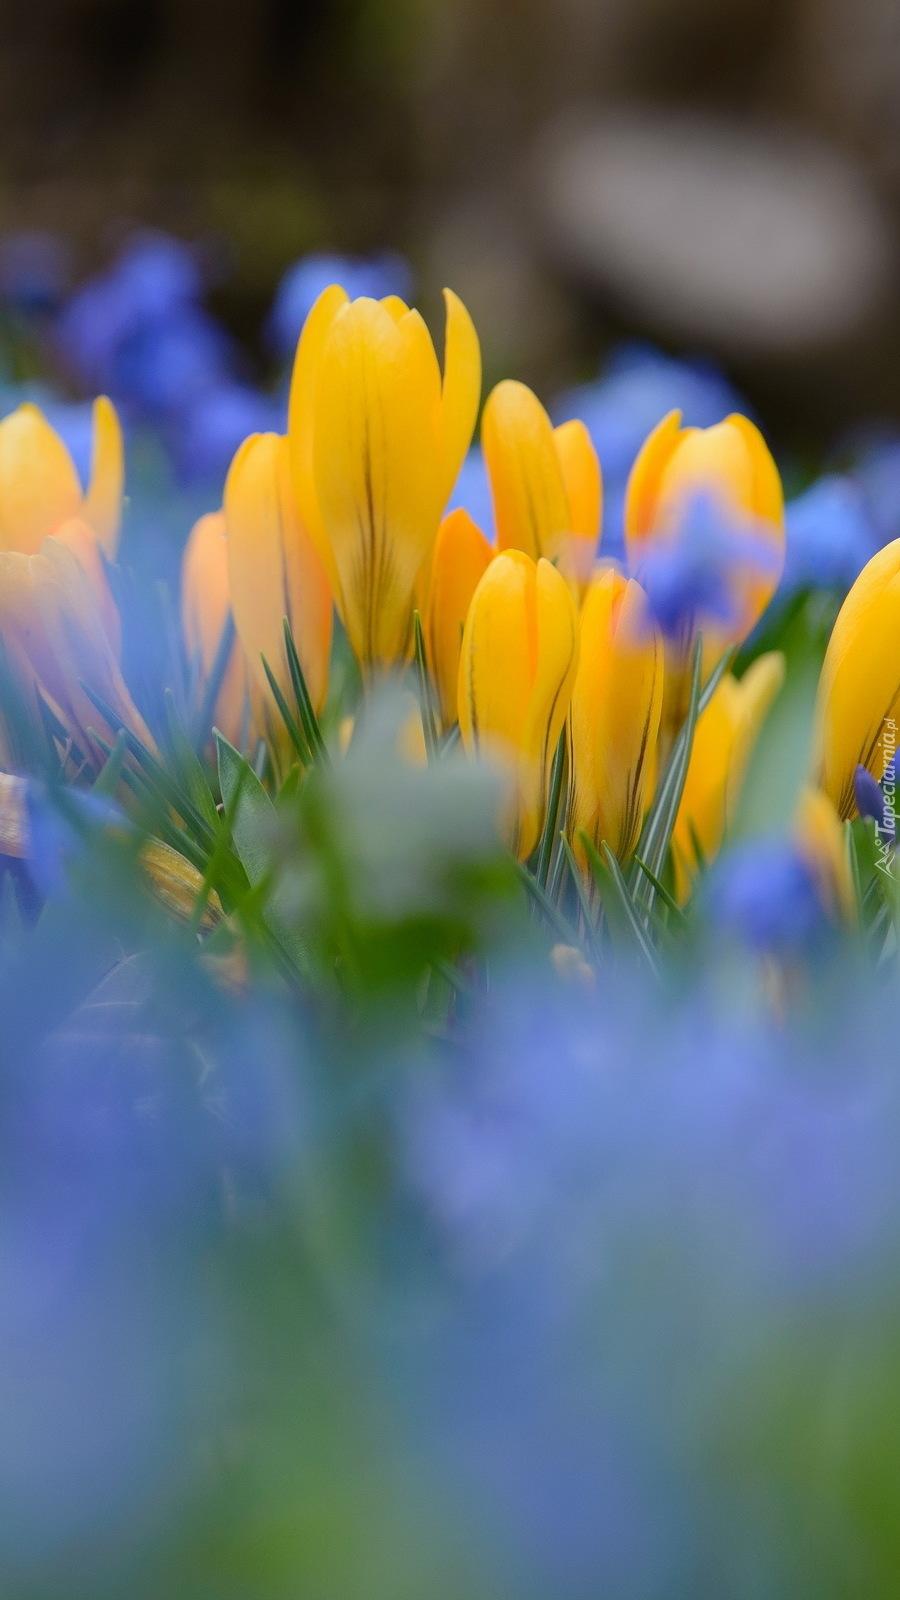 Niebieskie i żółte krokusy